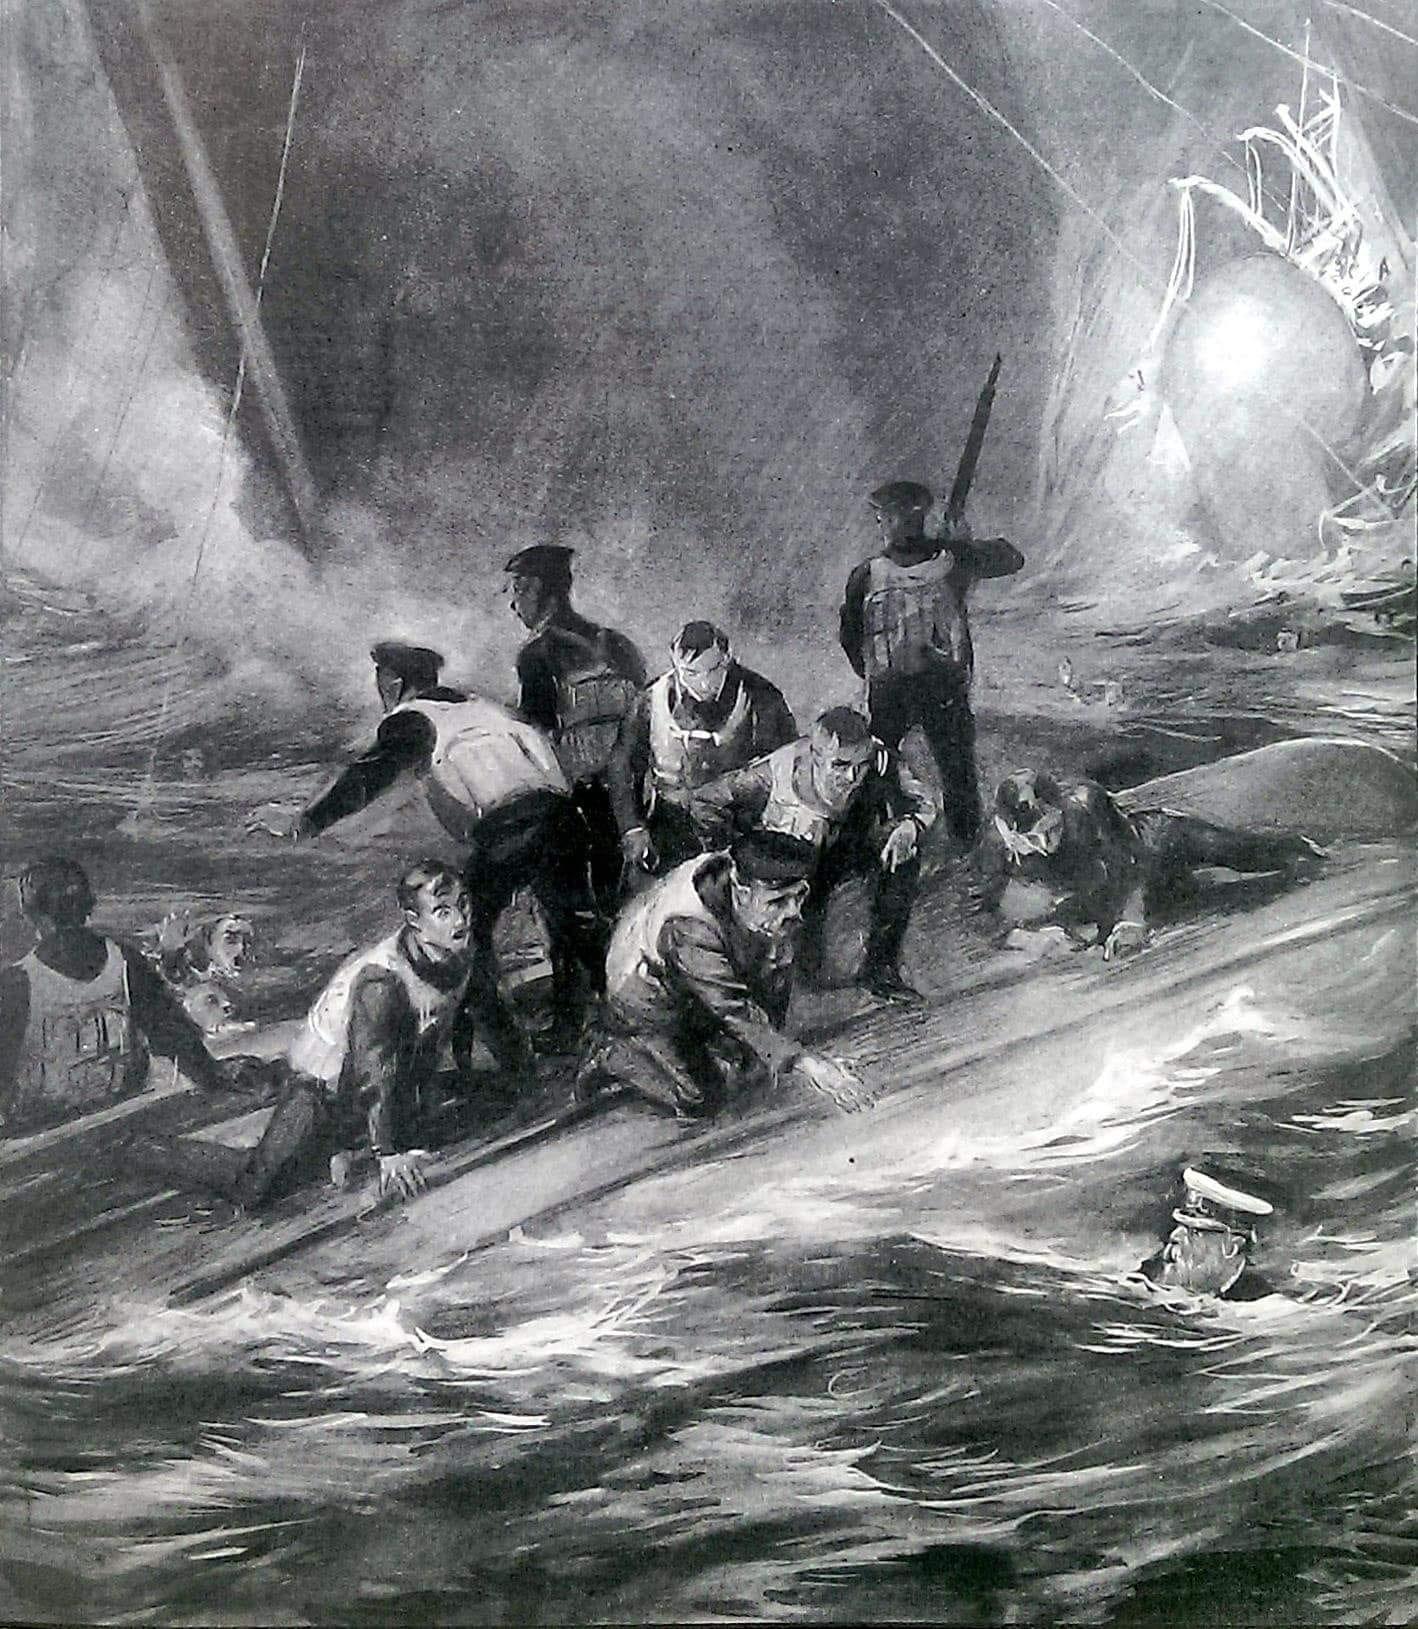 """""""Позаботьтесь о себе, ребята"""". Последние слова капитана Смита. Иллюстрация 1912 года Дугласа Макферсона, основанная на показаниях спасшегося повара Исаака Мэйнарда."""